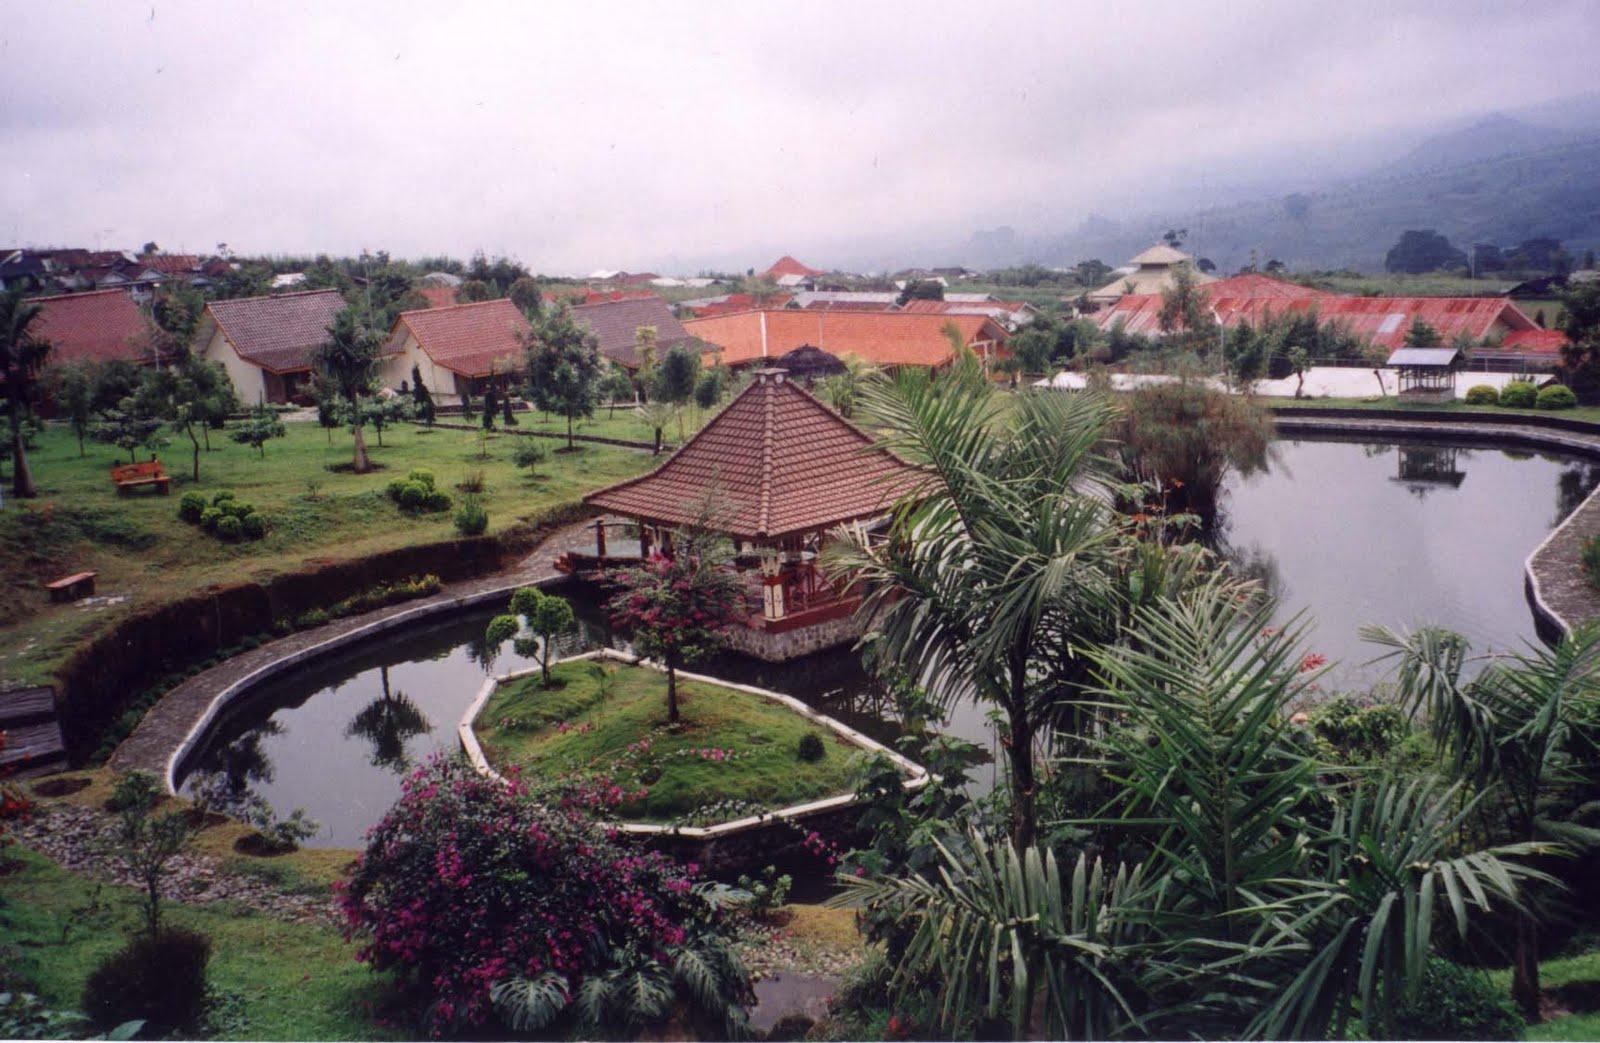 Liburan seru dan edukatif di kampung wisata cinangneng - Kuliner